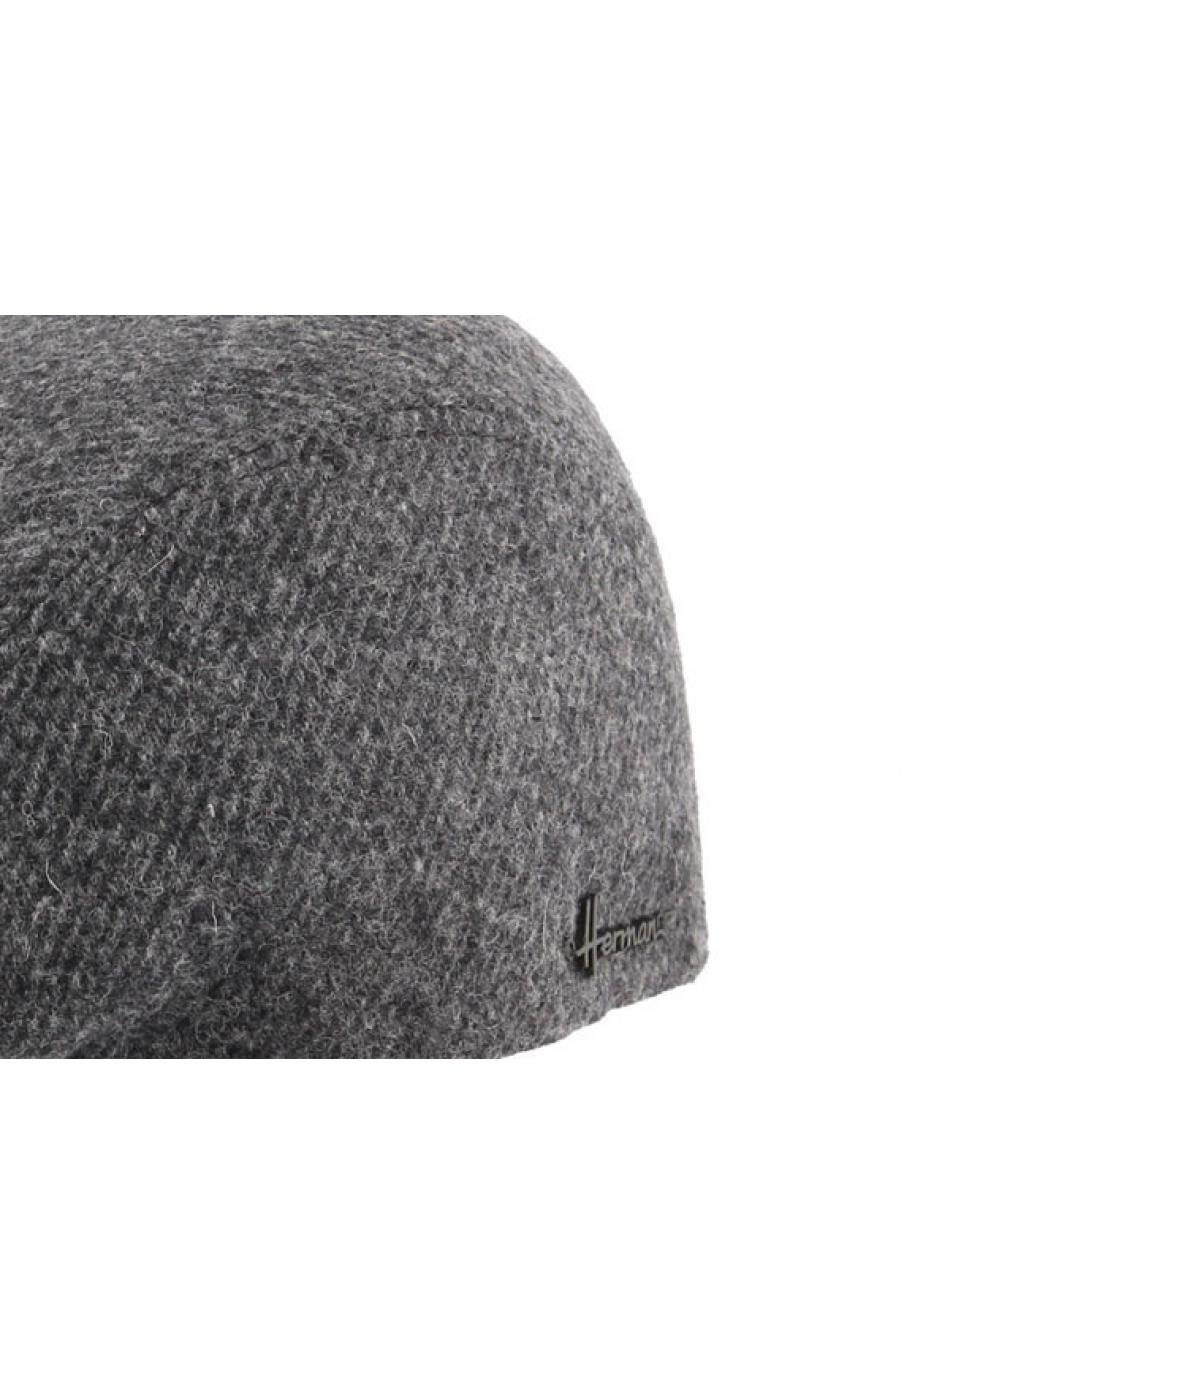 Details Range wool EF grey - Abbildung 3